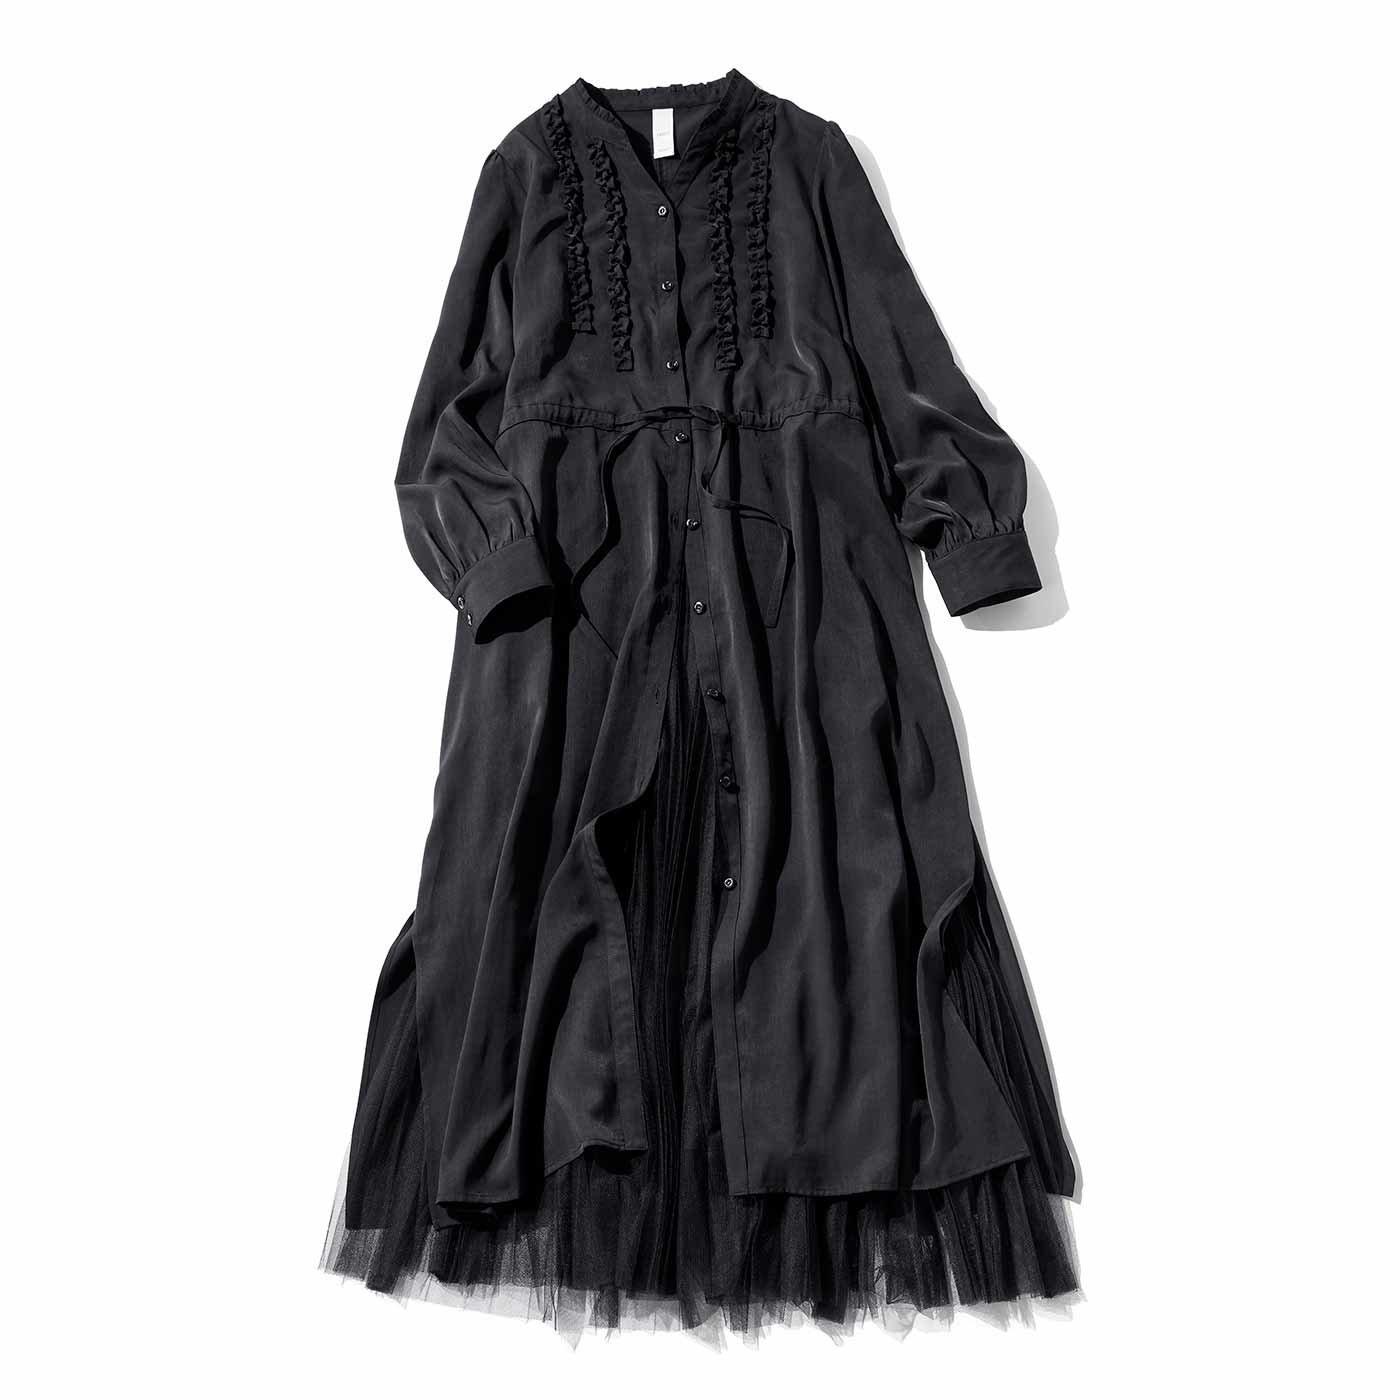 IEDIT[イディット] フェミニンスタイルが完成する オールブラックワンピース&スカートセット〈ブラック〉